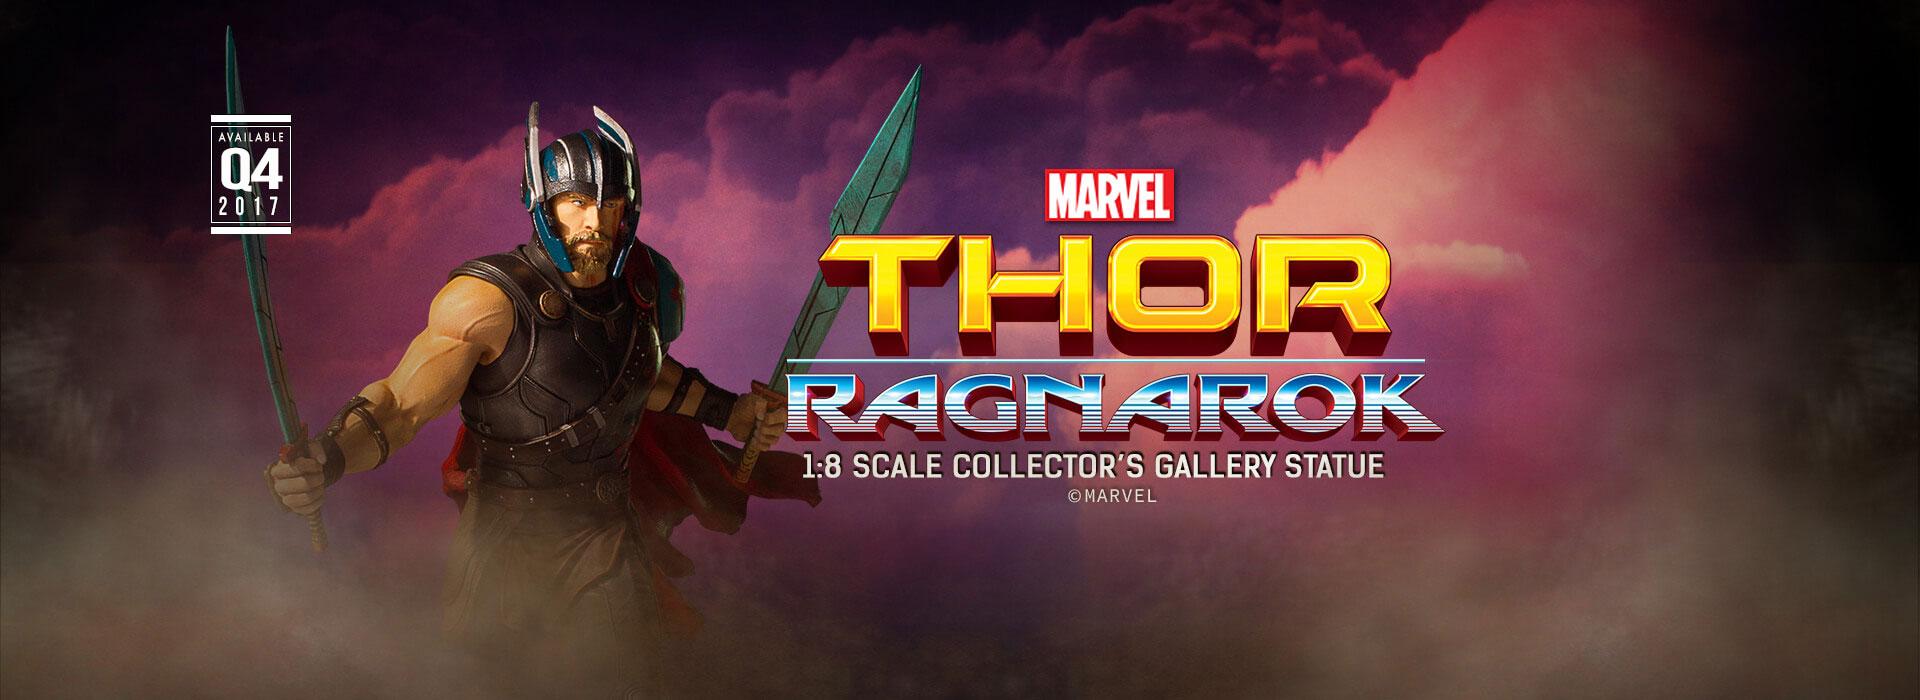 thor-ragnarok-statue-gentle-giant